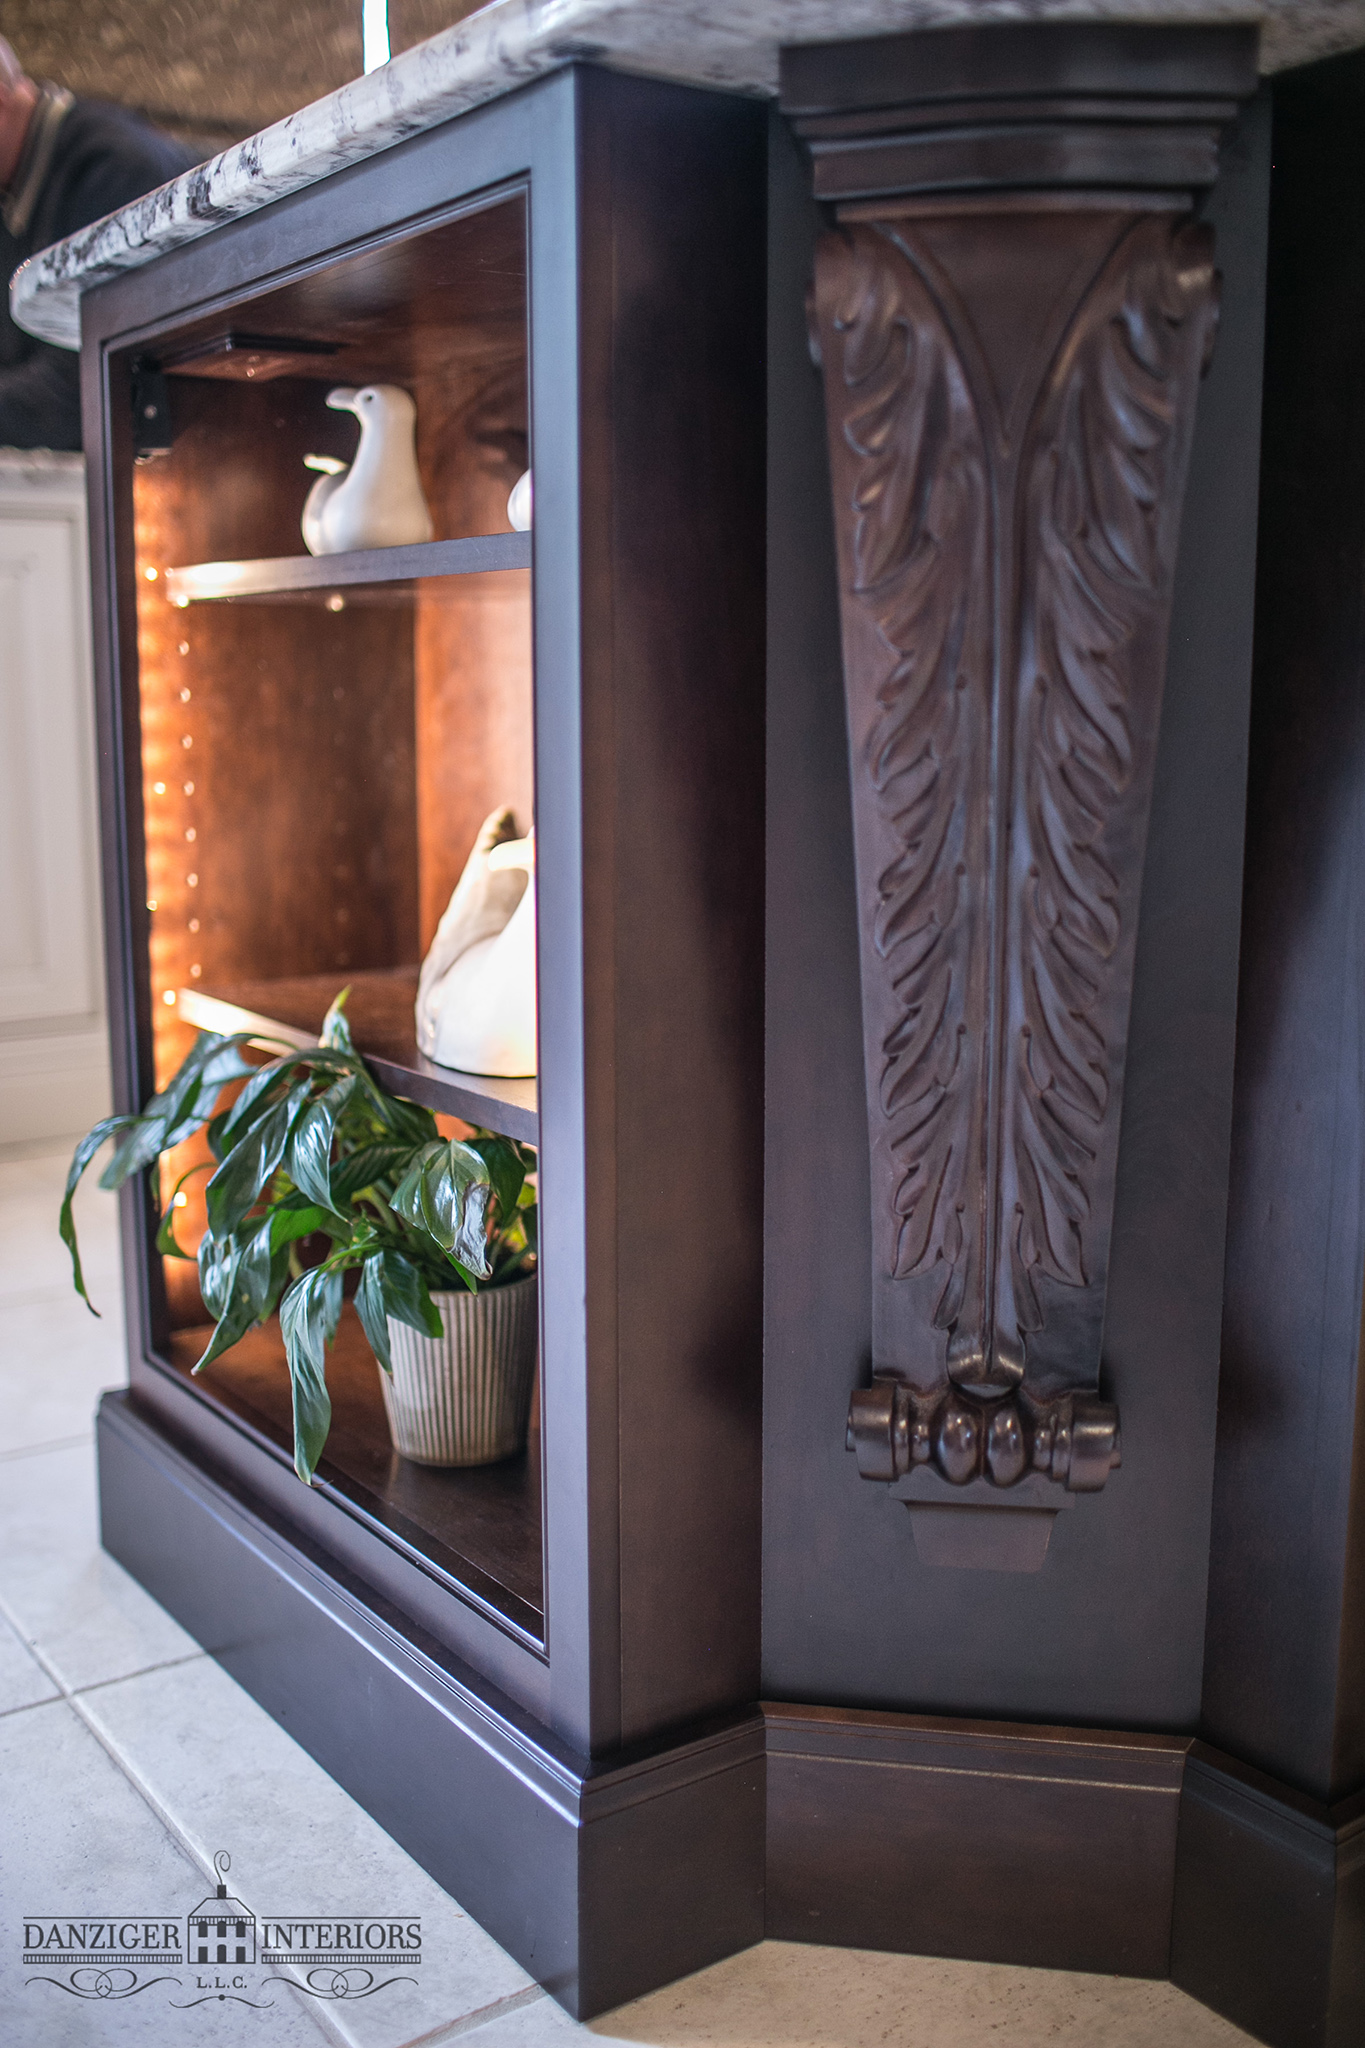 Decorative corbel in corner